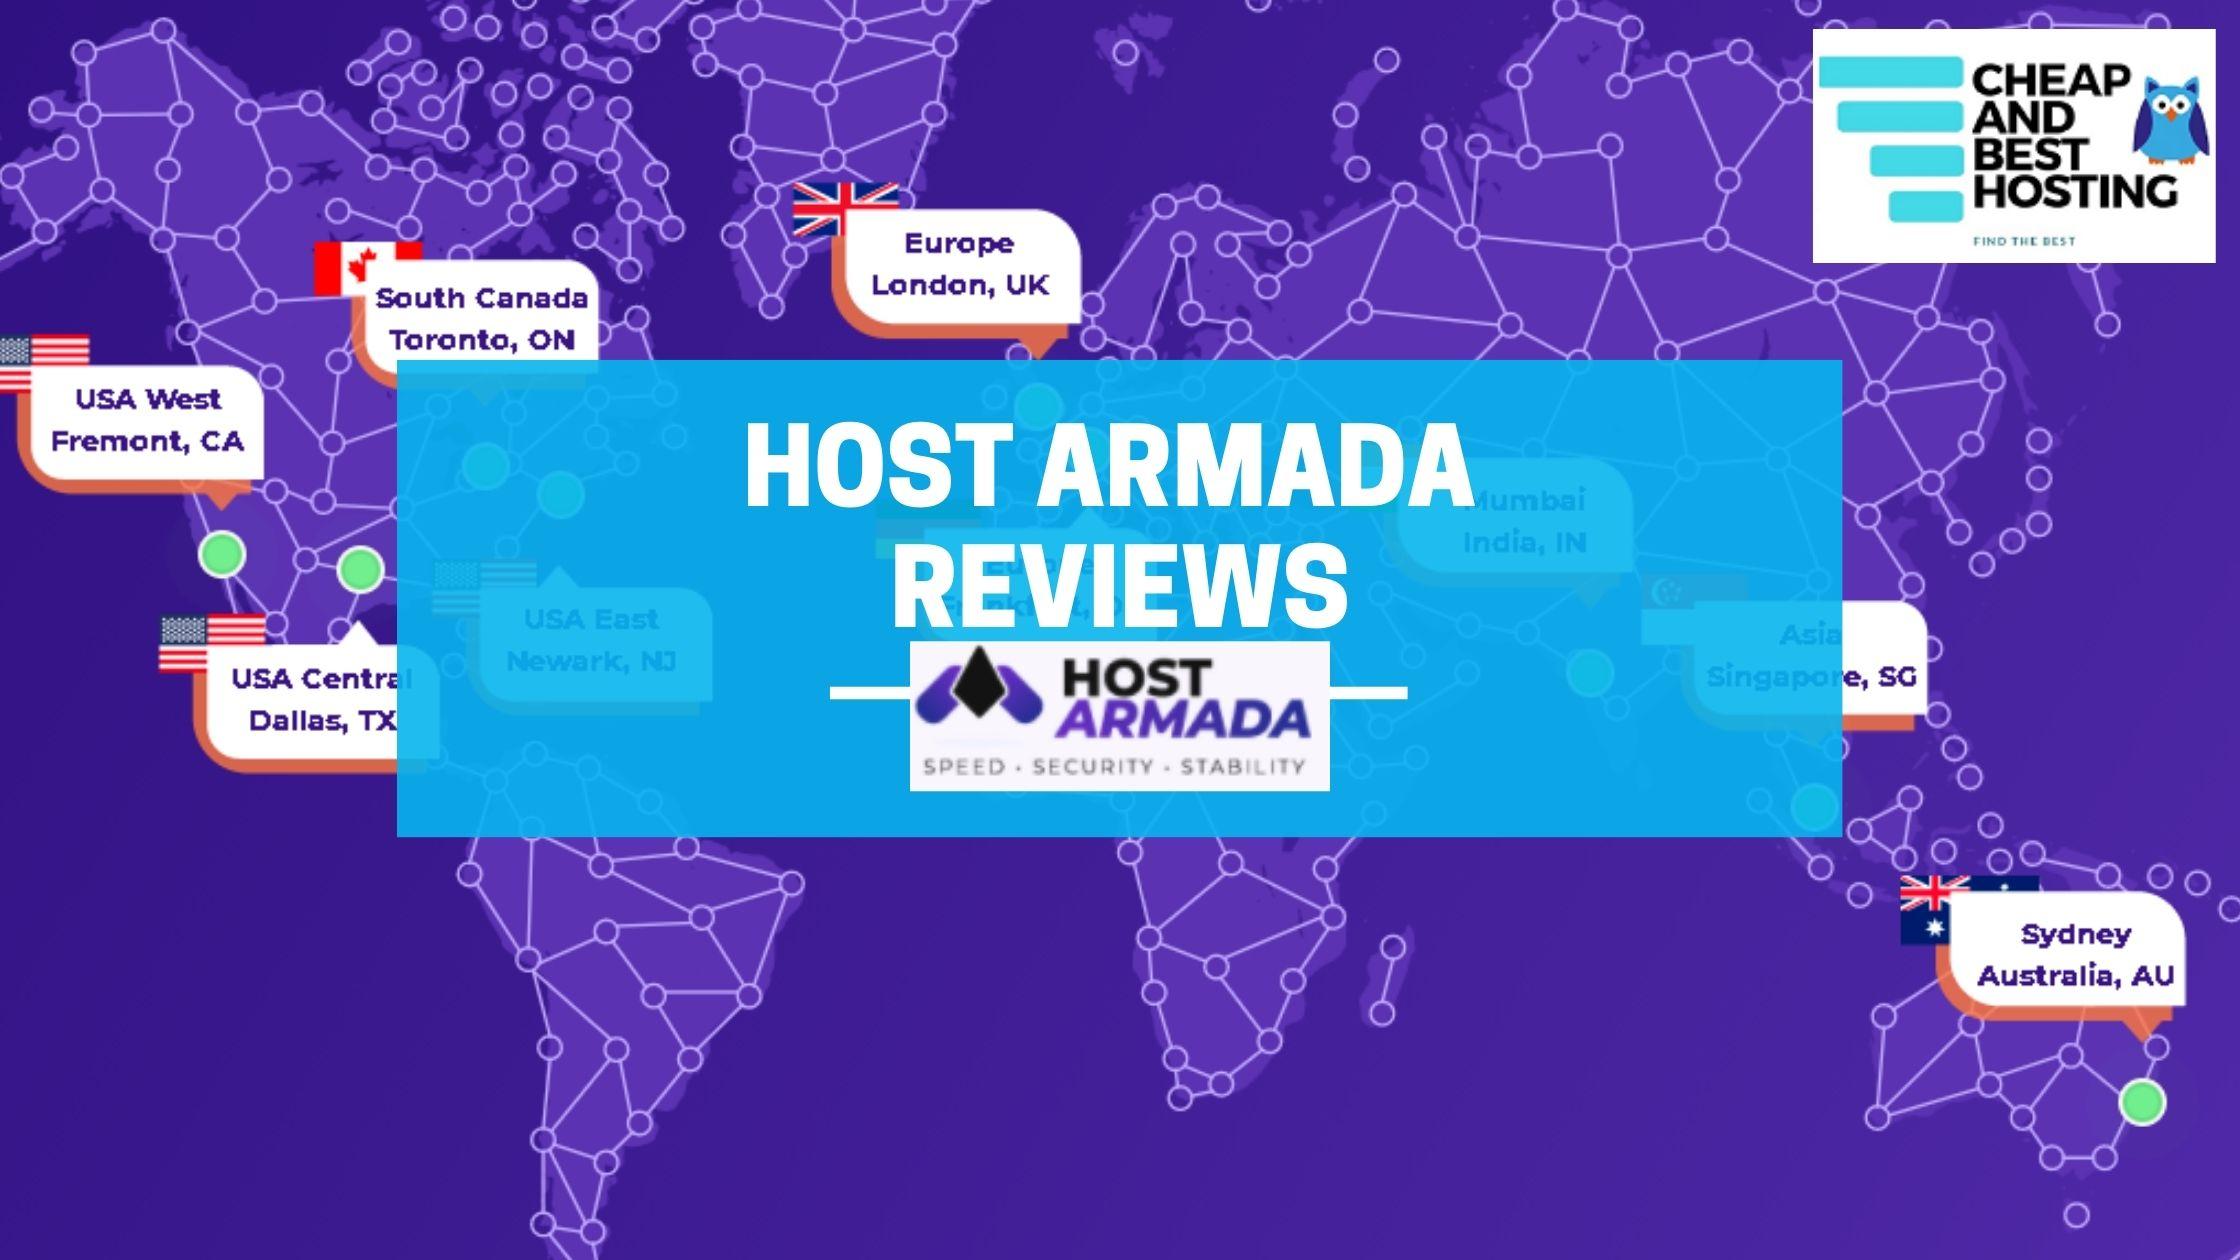 Detailed Host Armada Review. HostArmada